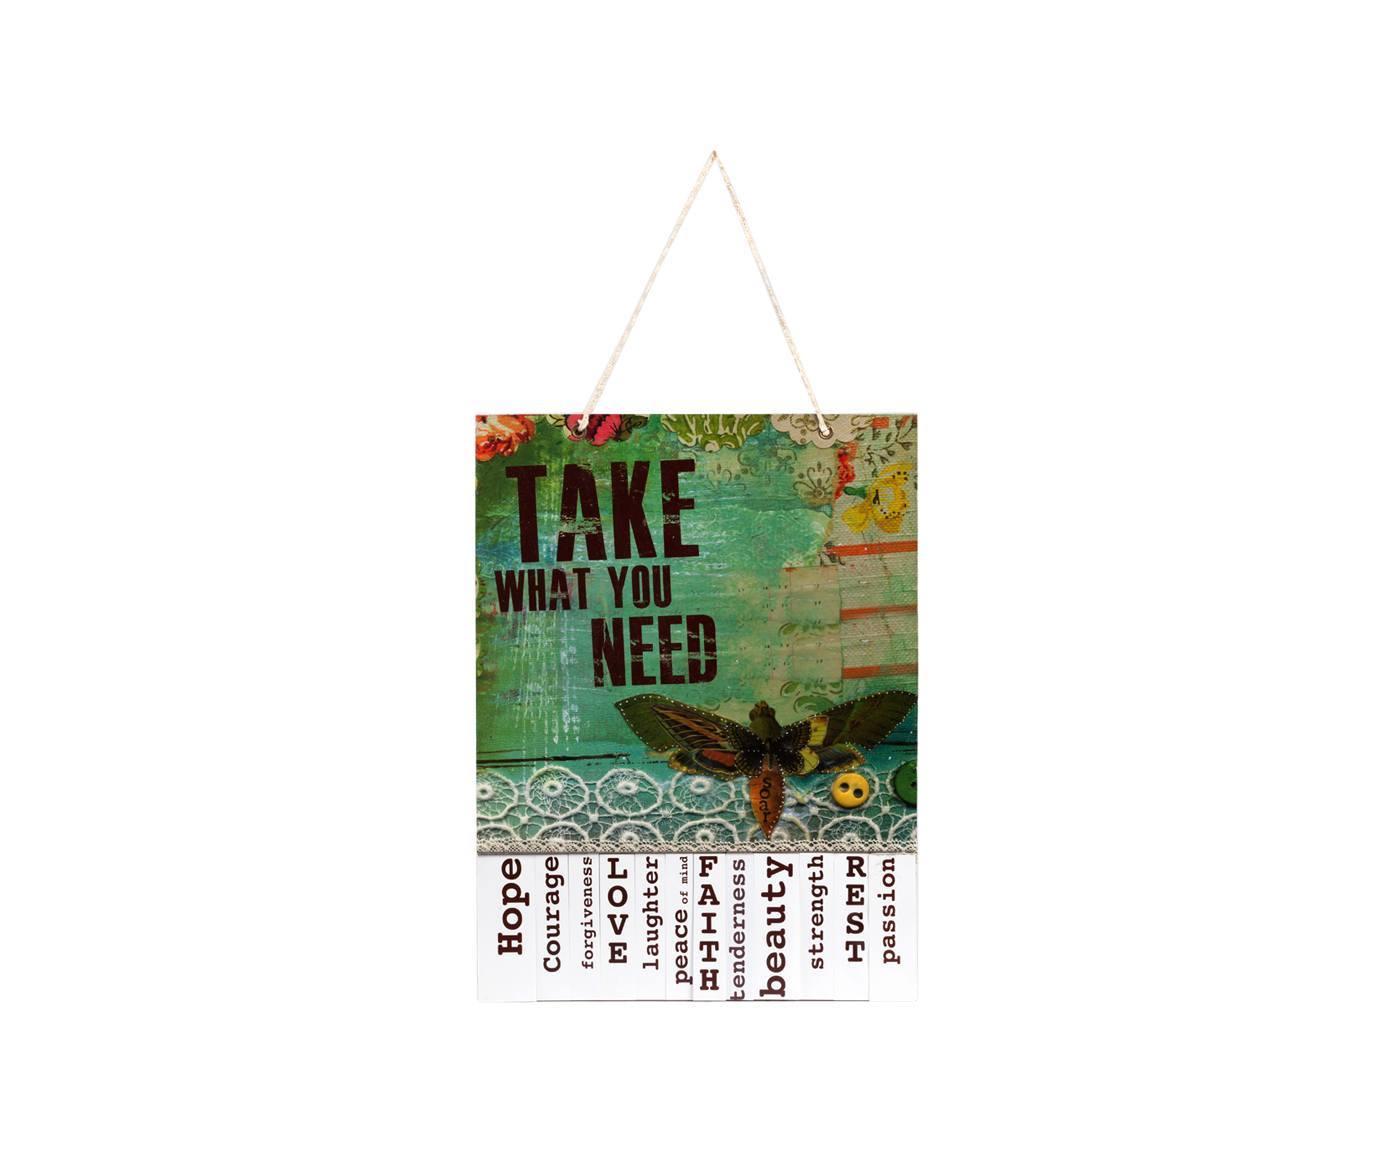 Предмет декора доска желаний Take What You Need MintДругое<br>Элемент декора — доска желаний Take What You Need Mint — это яркий и насыщенный аксессуар, который украсит собой стены вашего дома и добавит ему красочности, уюта и некоей игривости. Говорящая надпись (в переводе с английского означает «берите все, что вам нужно») на основании из МДФ и очаровательные рисунки не оставят равнодушным ни одного члена вашей семьи. Доску можно приобрести отдельно или в паре с предметом декора той же коллекции.<br><br>Material: МДФ<br>Width см: 31<br>Height см: 41